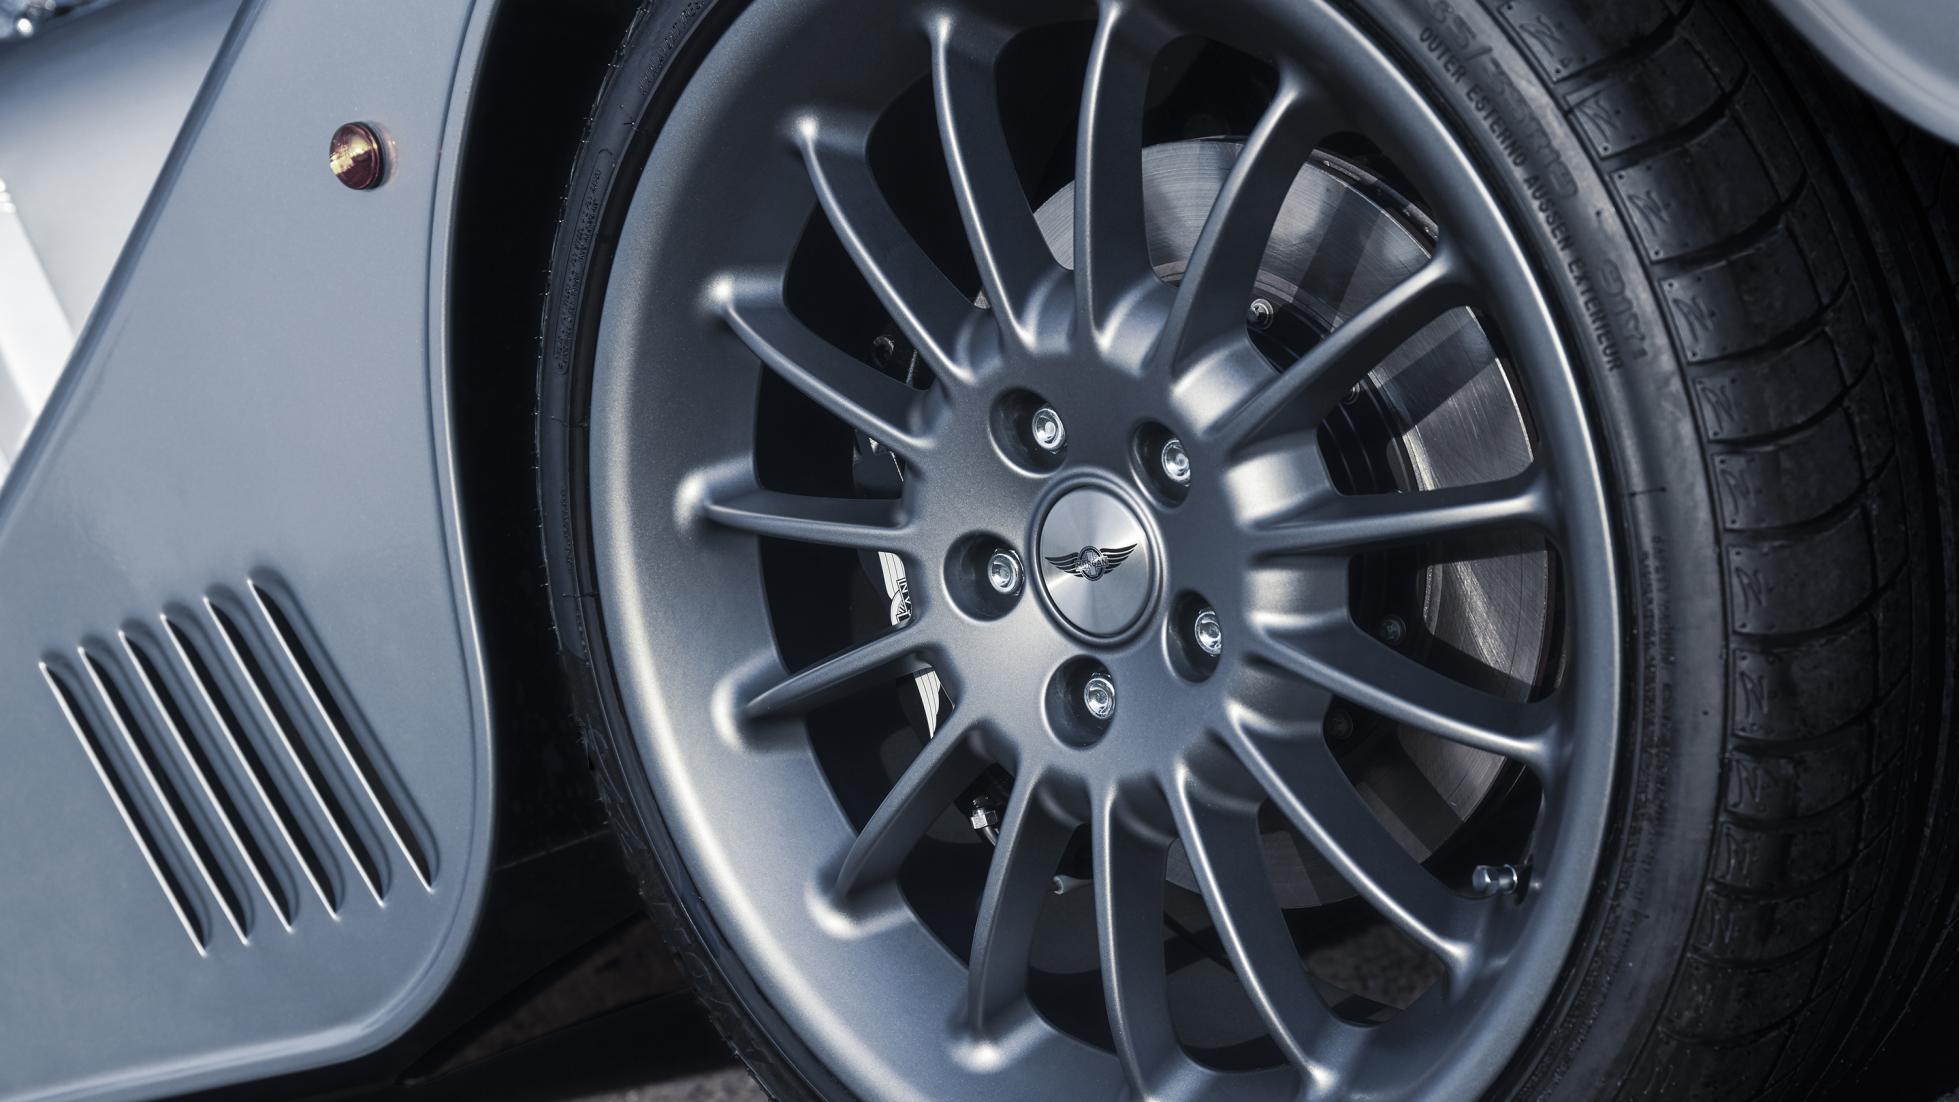 Morgan Plus Six wheel detail